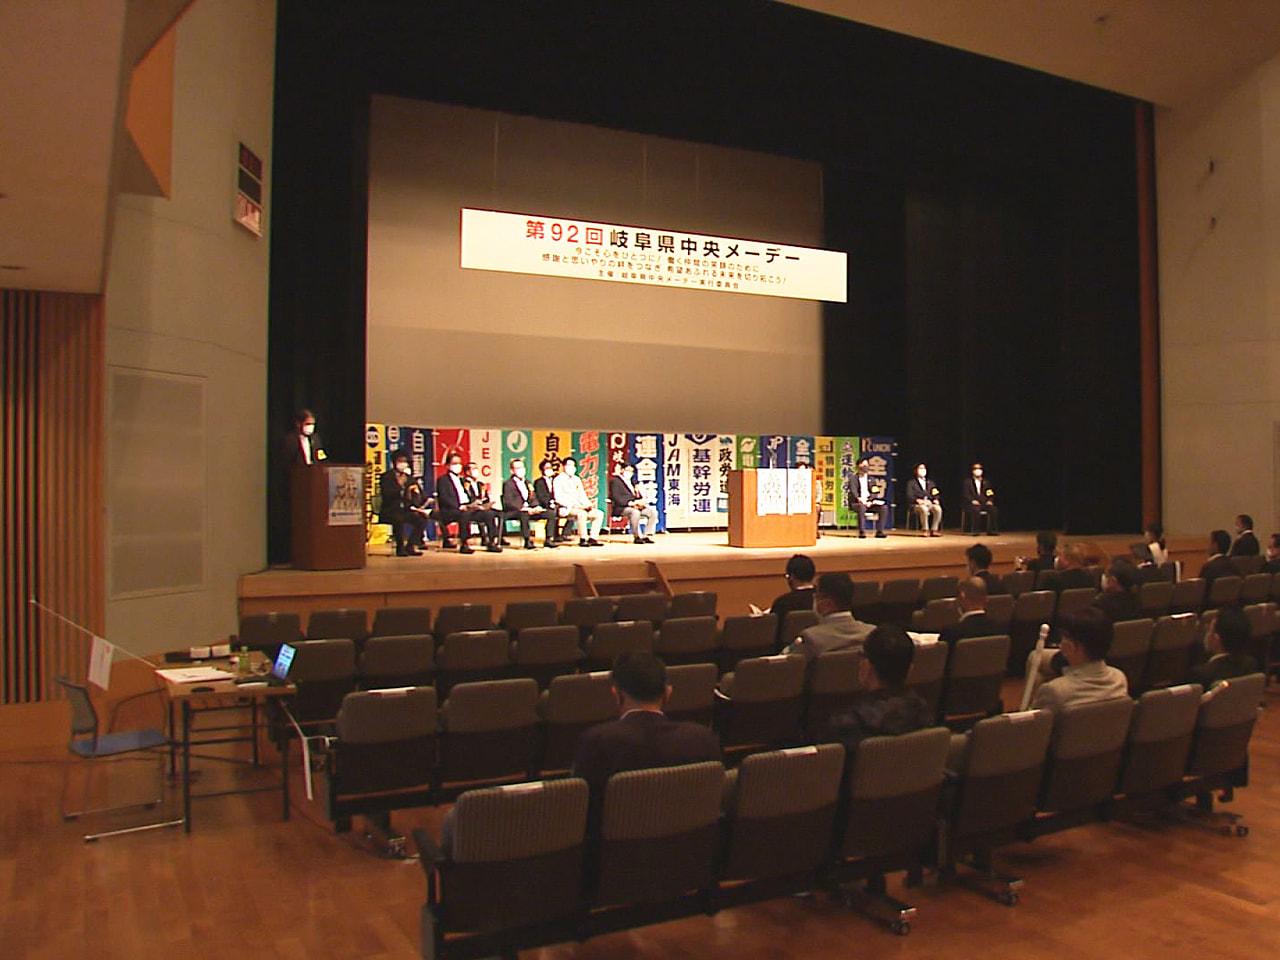 岐阜市で県中央メーデーが開かれ、コロナ禍での労働環境維持や格差の解消を訴えました...